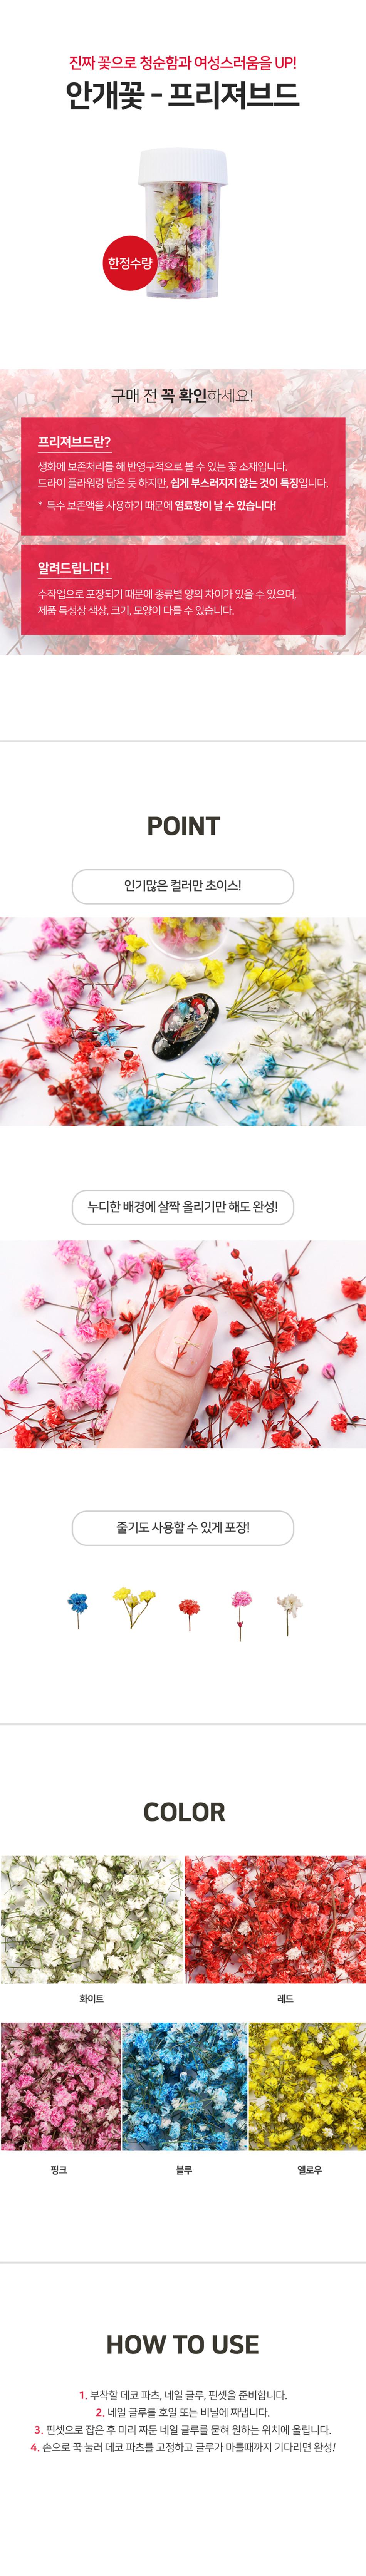 [네일스케치] 생화안개꽃 - 프리져브드